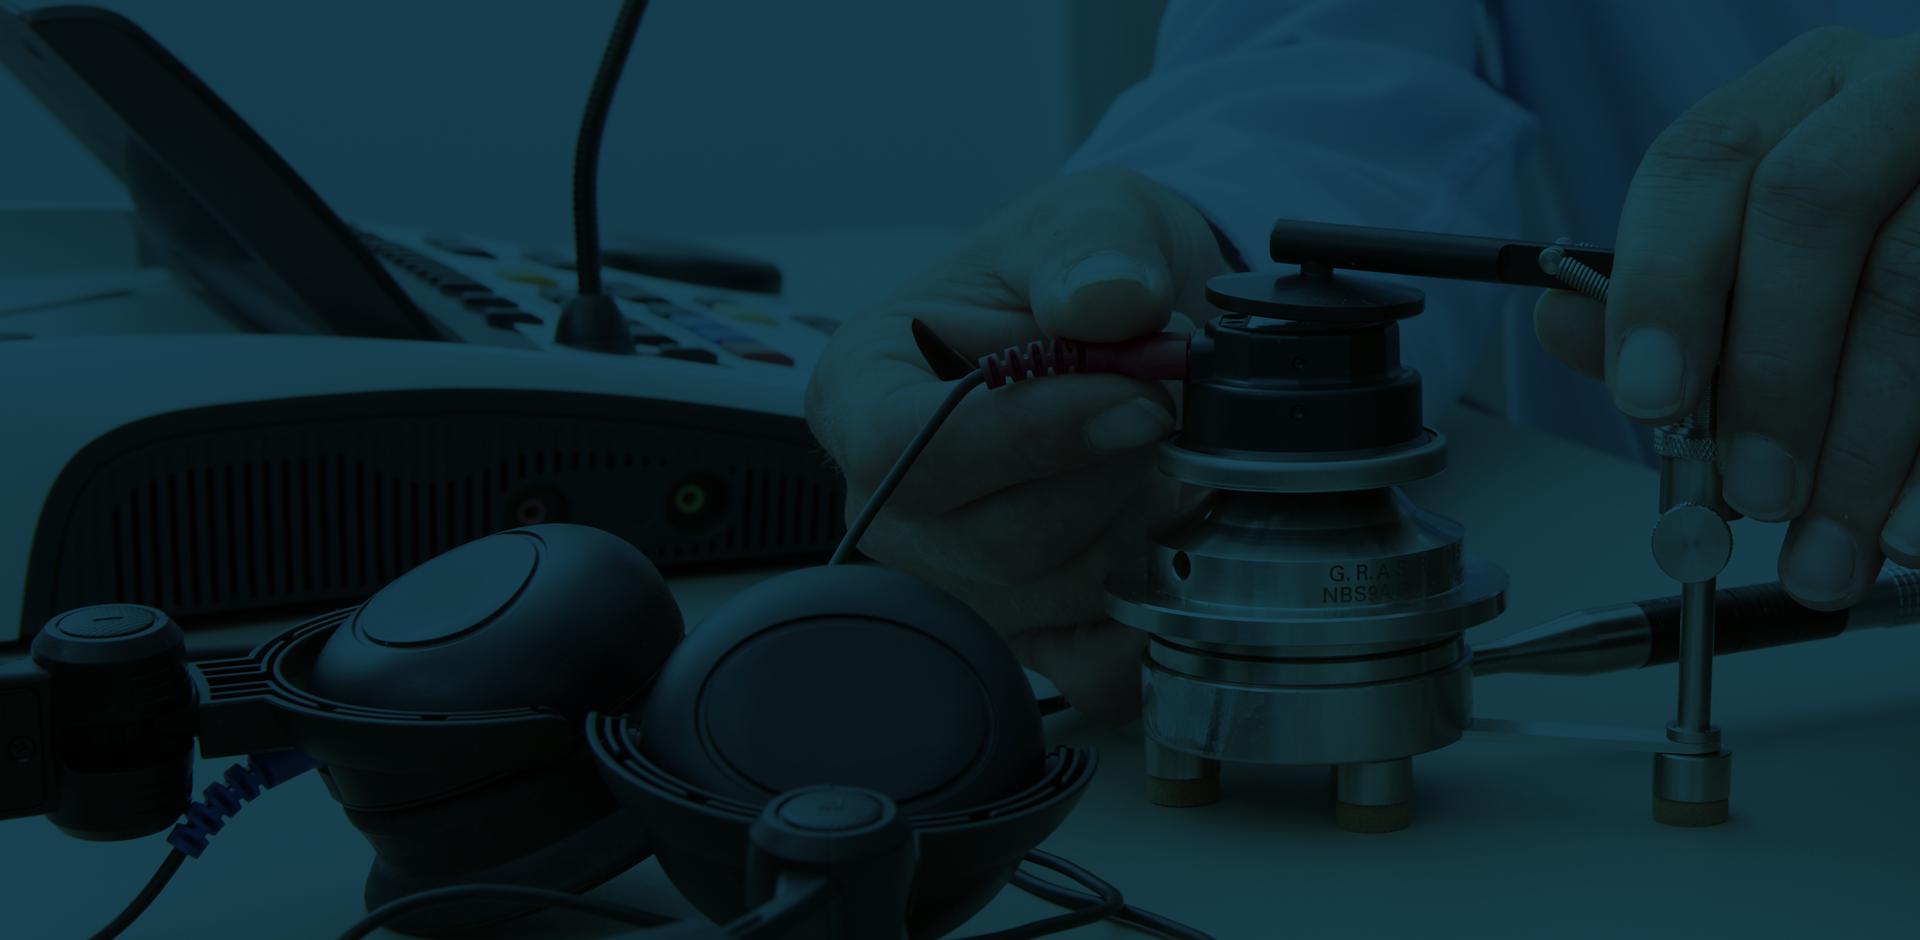 A man from Diatec Diagnostics operating calibration equipment